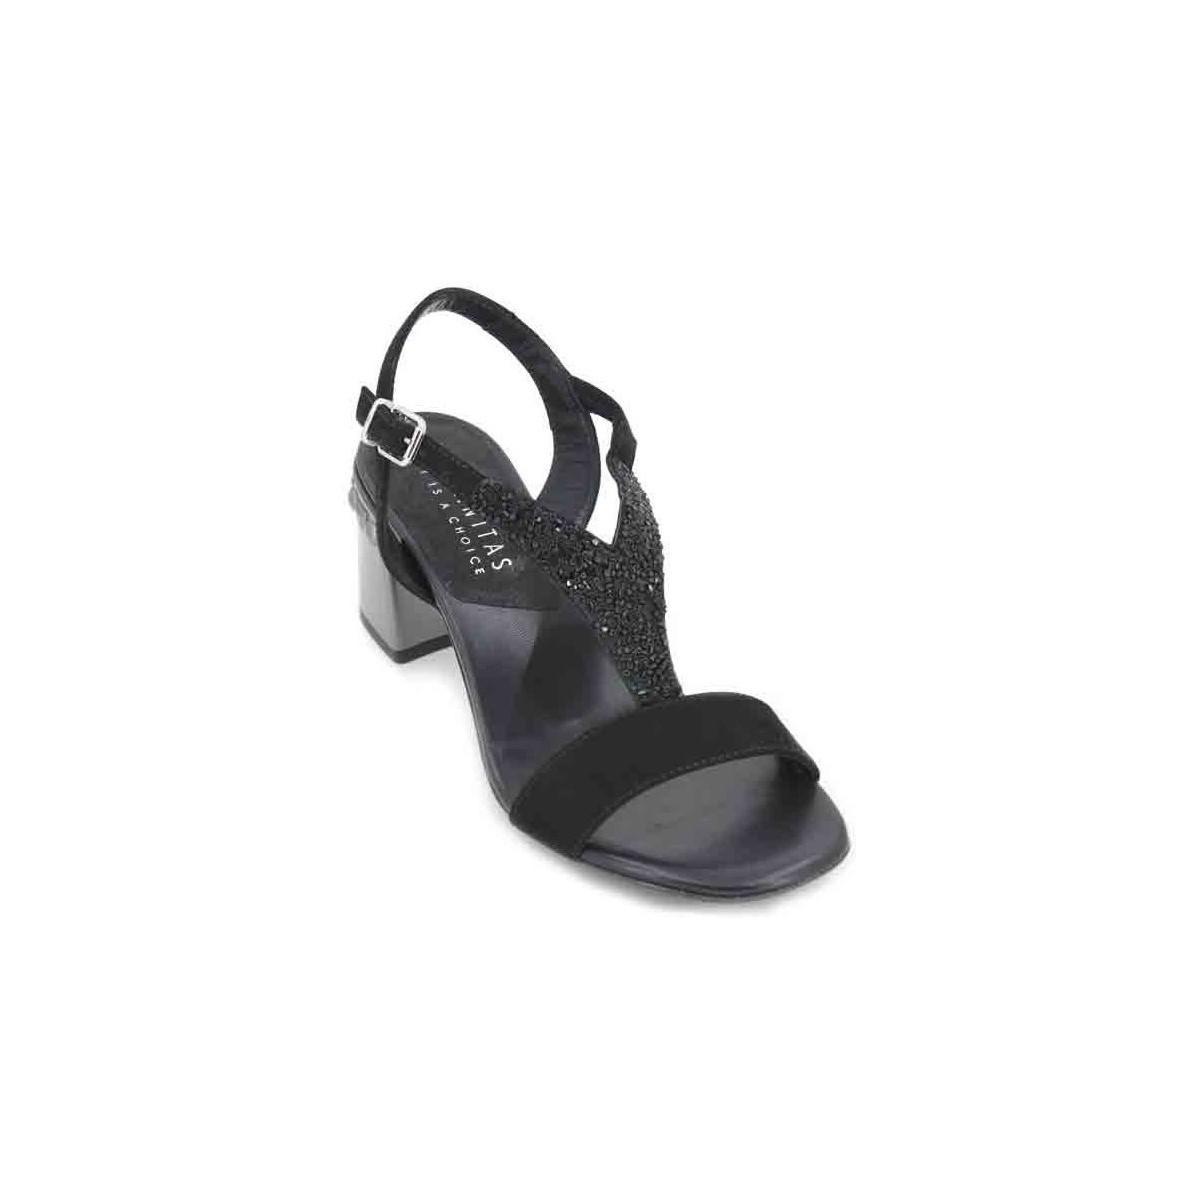 Sandalen Hispanitas - Samoa6p Phv86836 Black ZBgkLTw